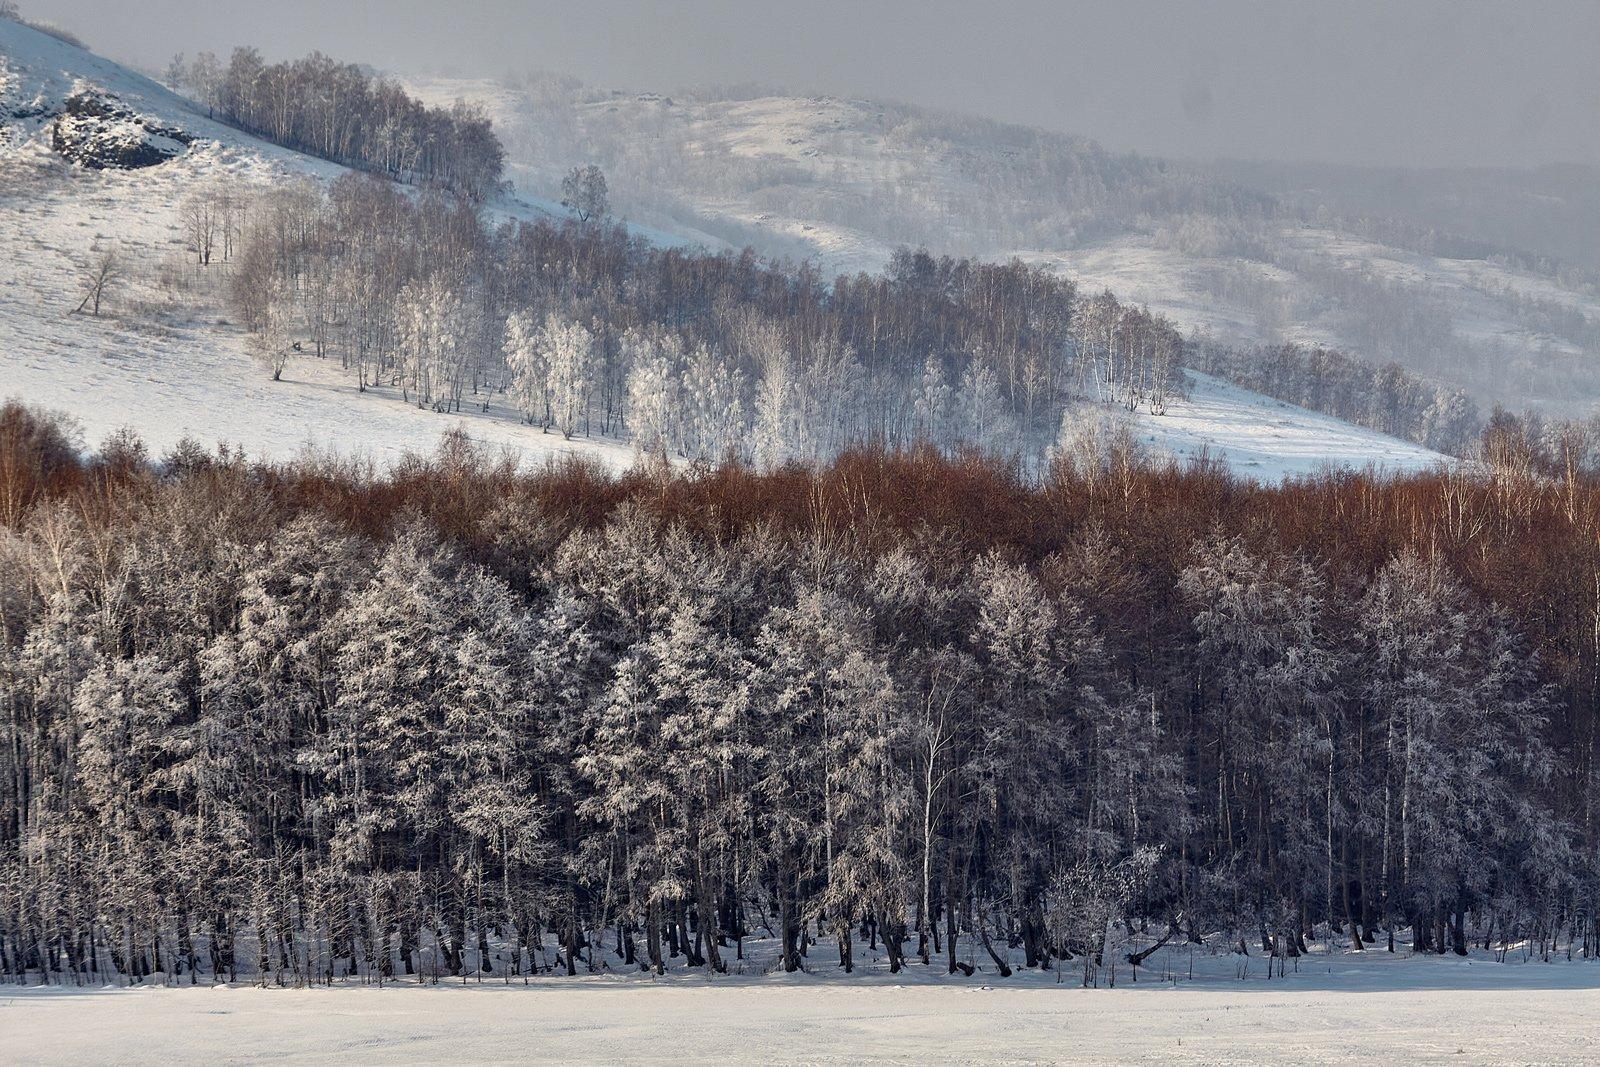 южный урал,оренбургская область, орск, новотроицк,башкирия, башкиртостан, Качурин Алексей